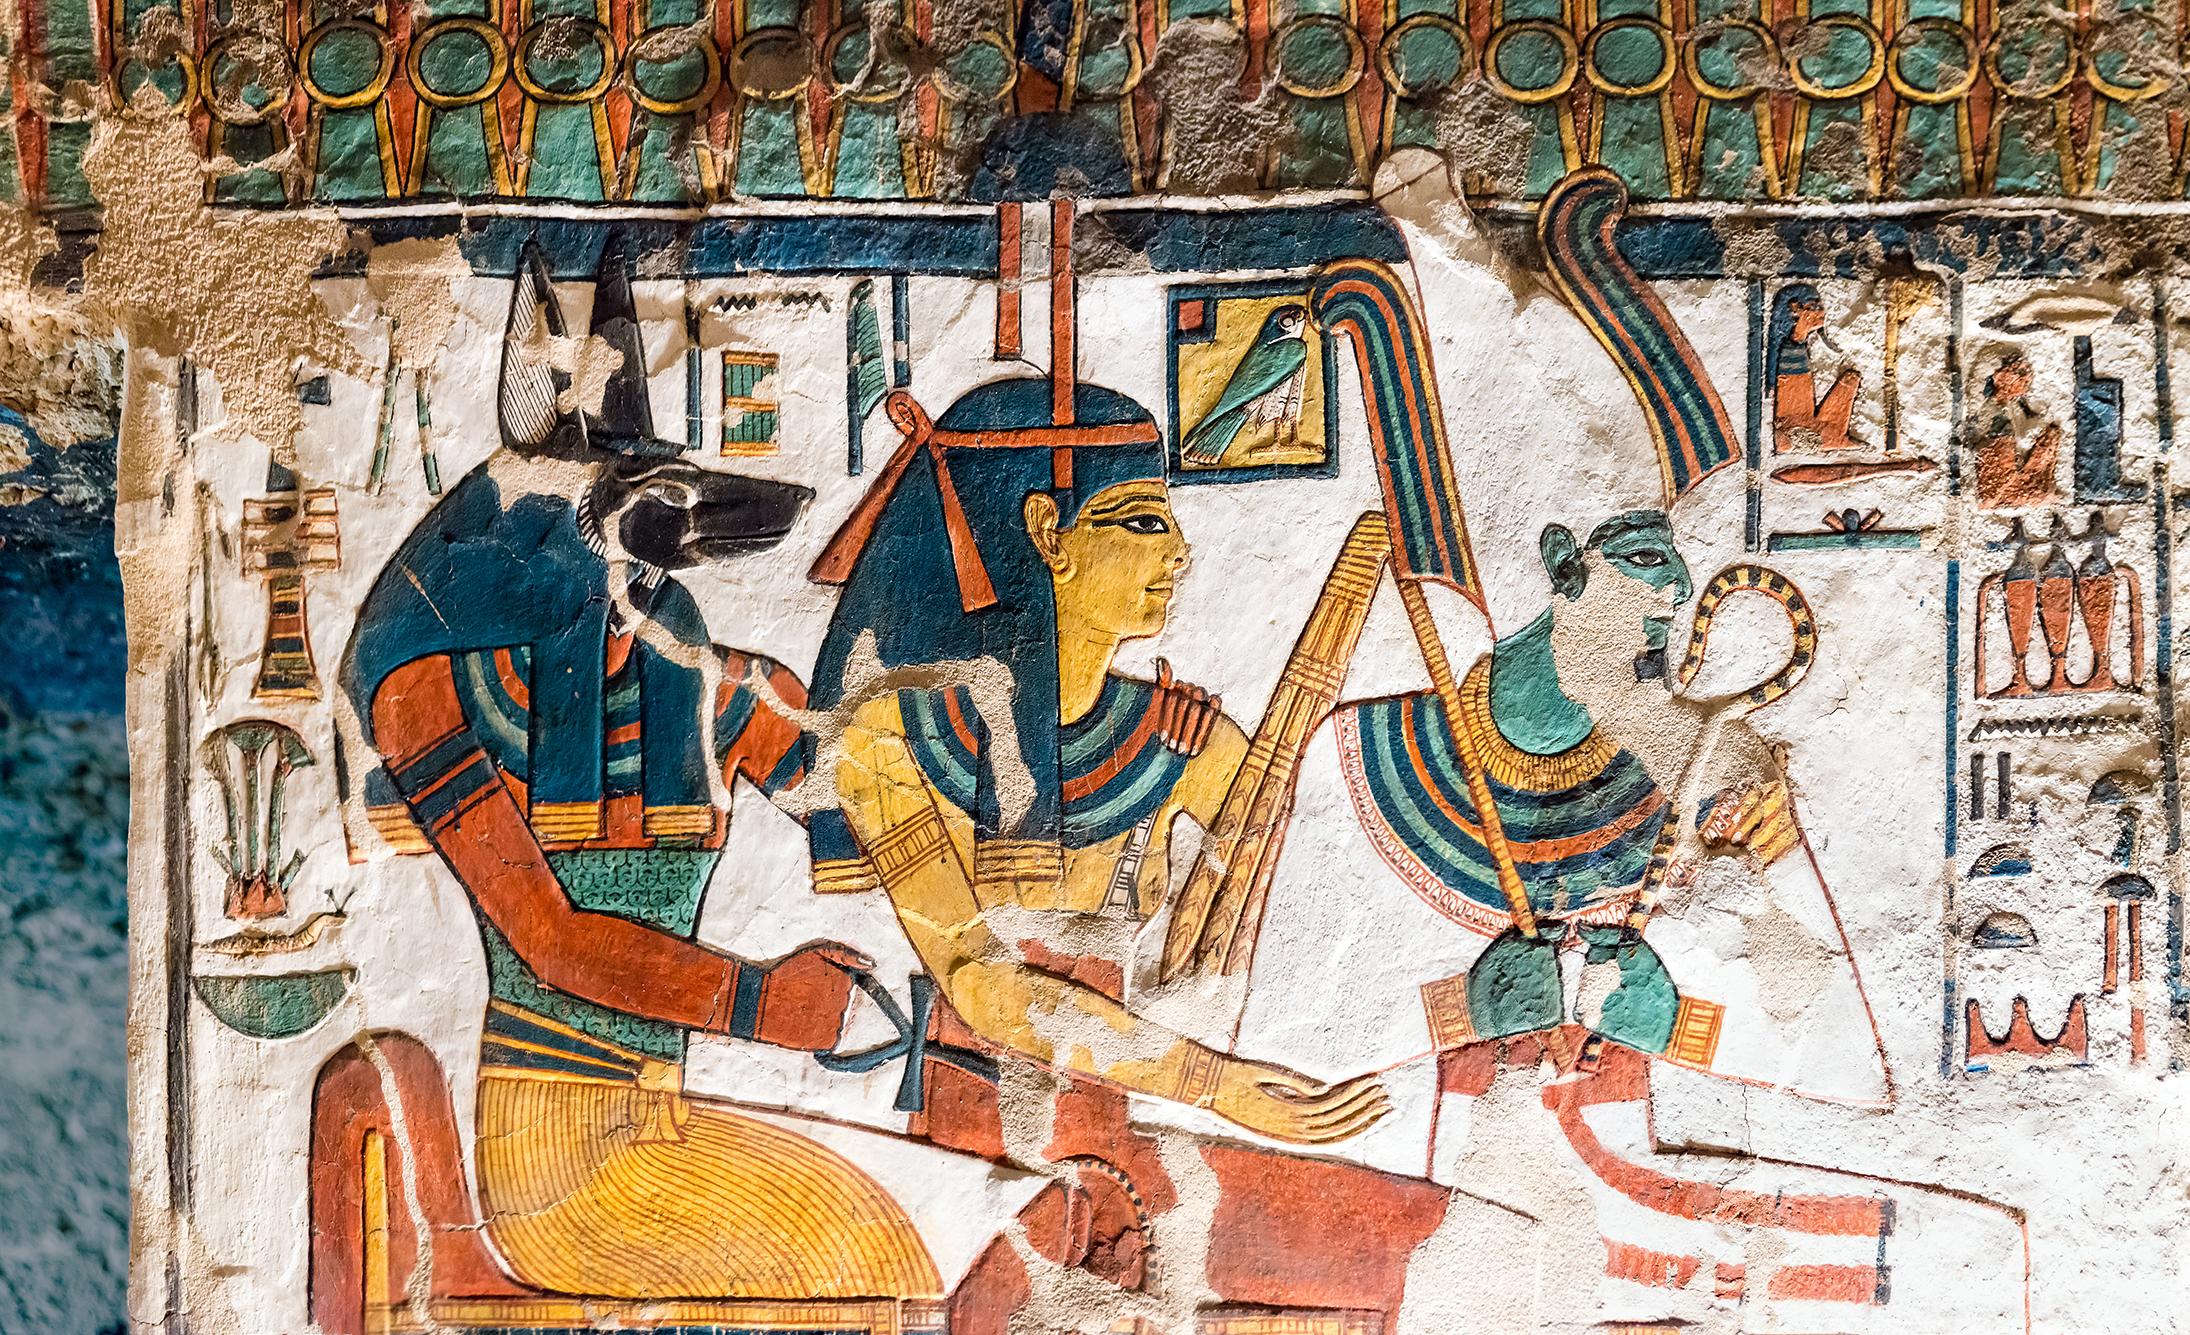 Imagen 1. Relieve en sala del sarcófago